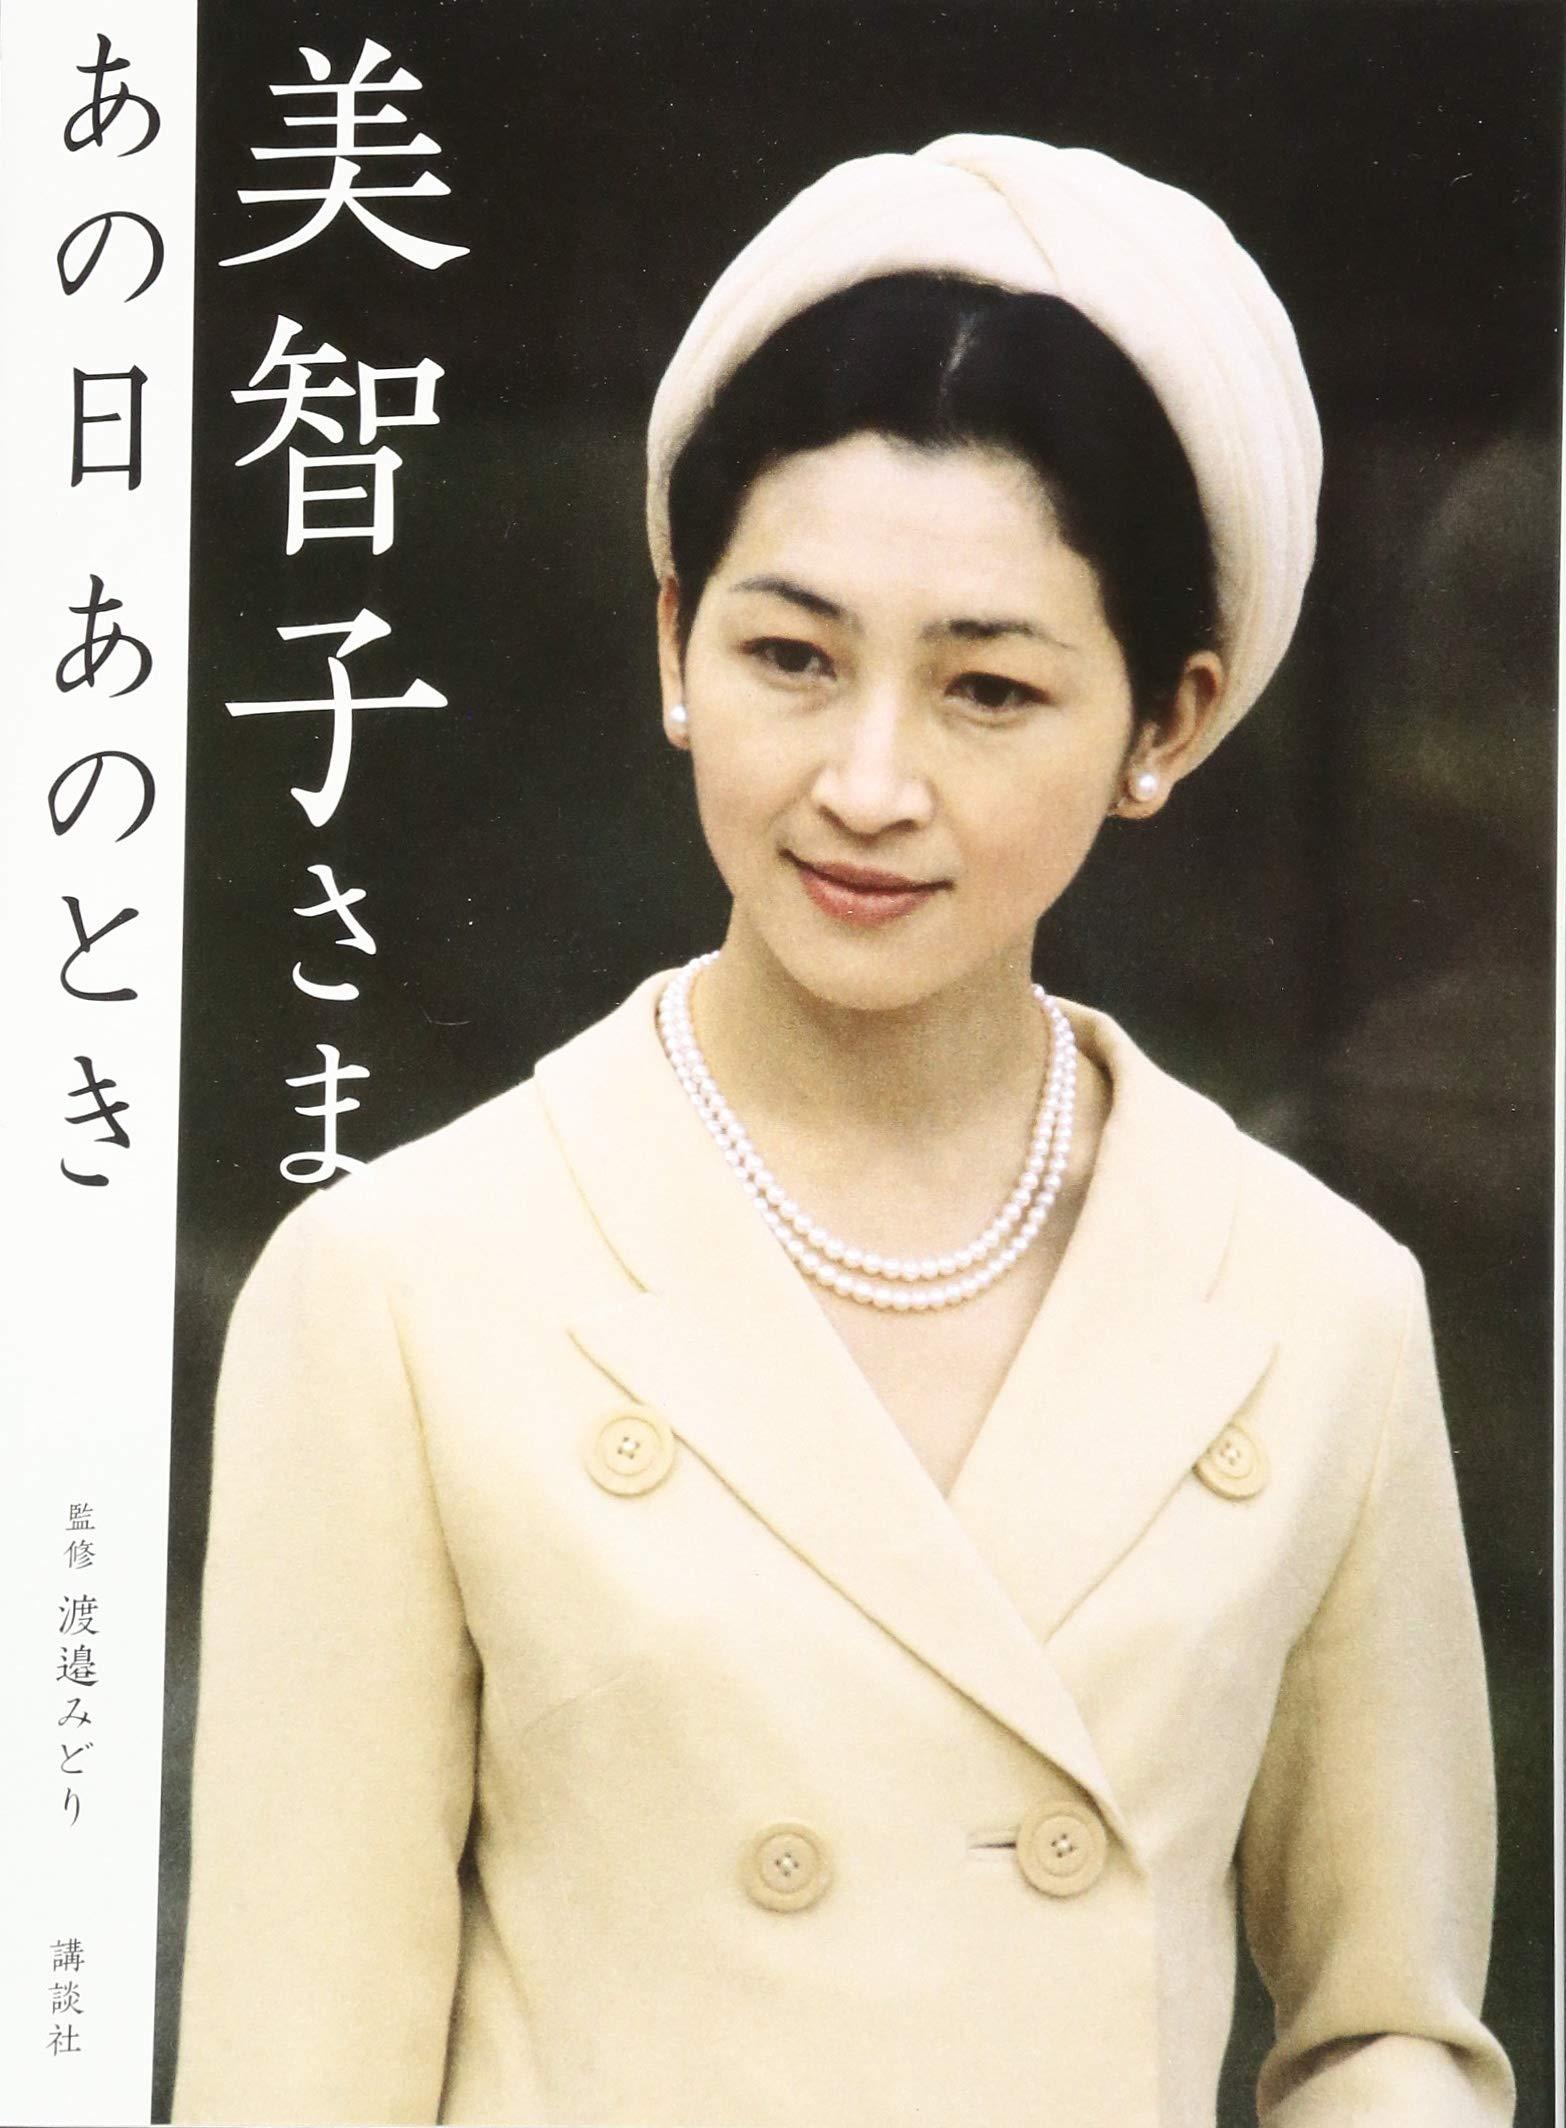 さま 上 皇后 美智子